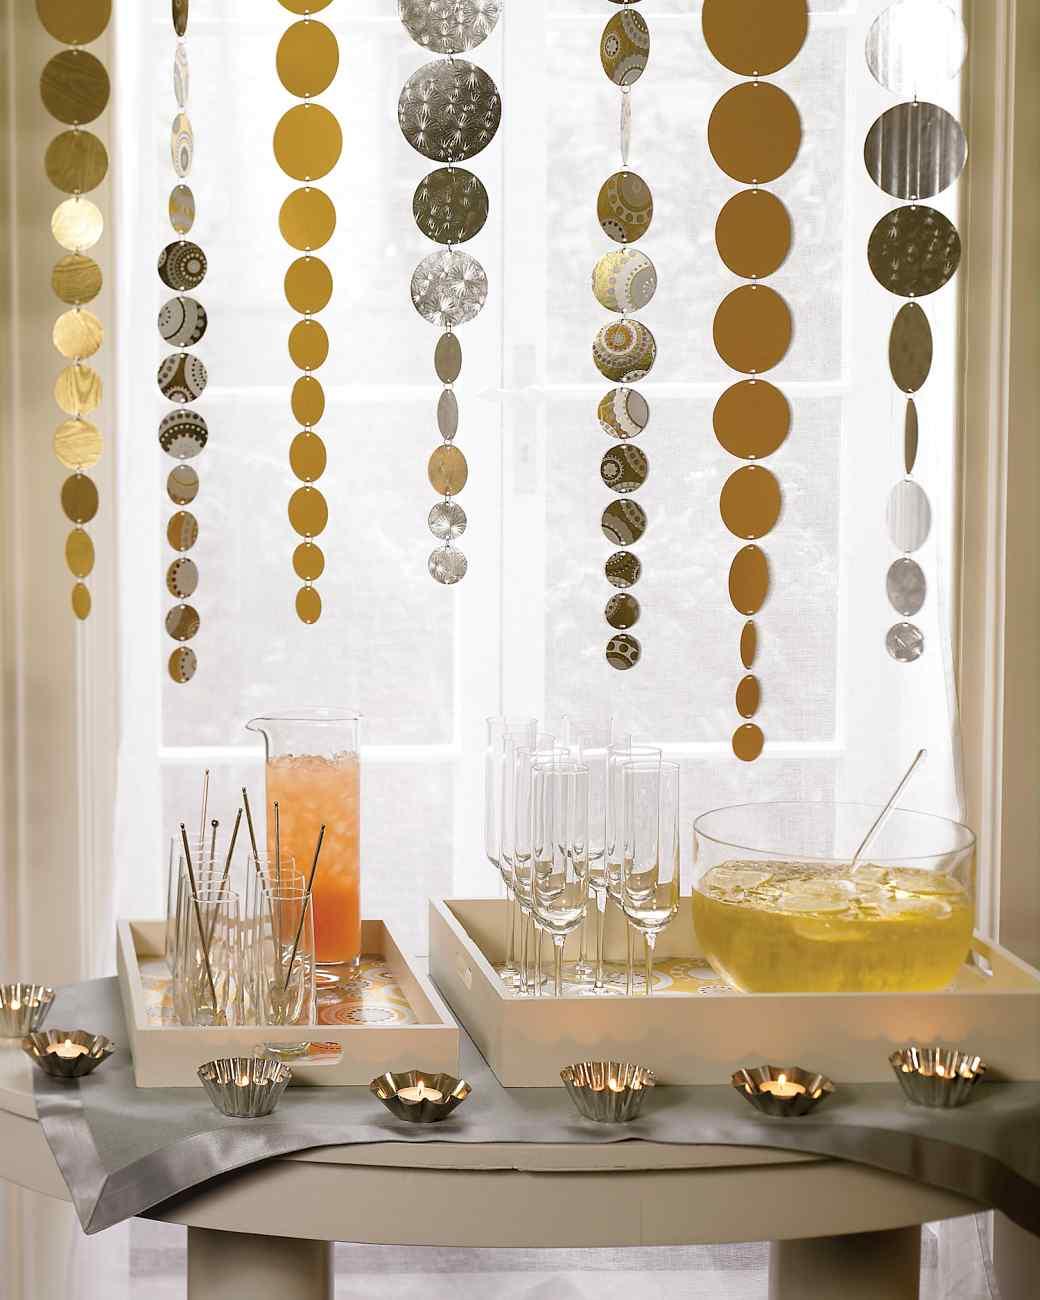 Оформление стола с угощениями на Новый год